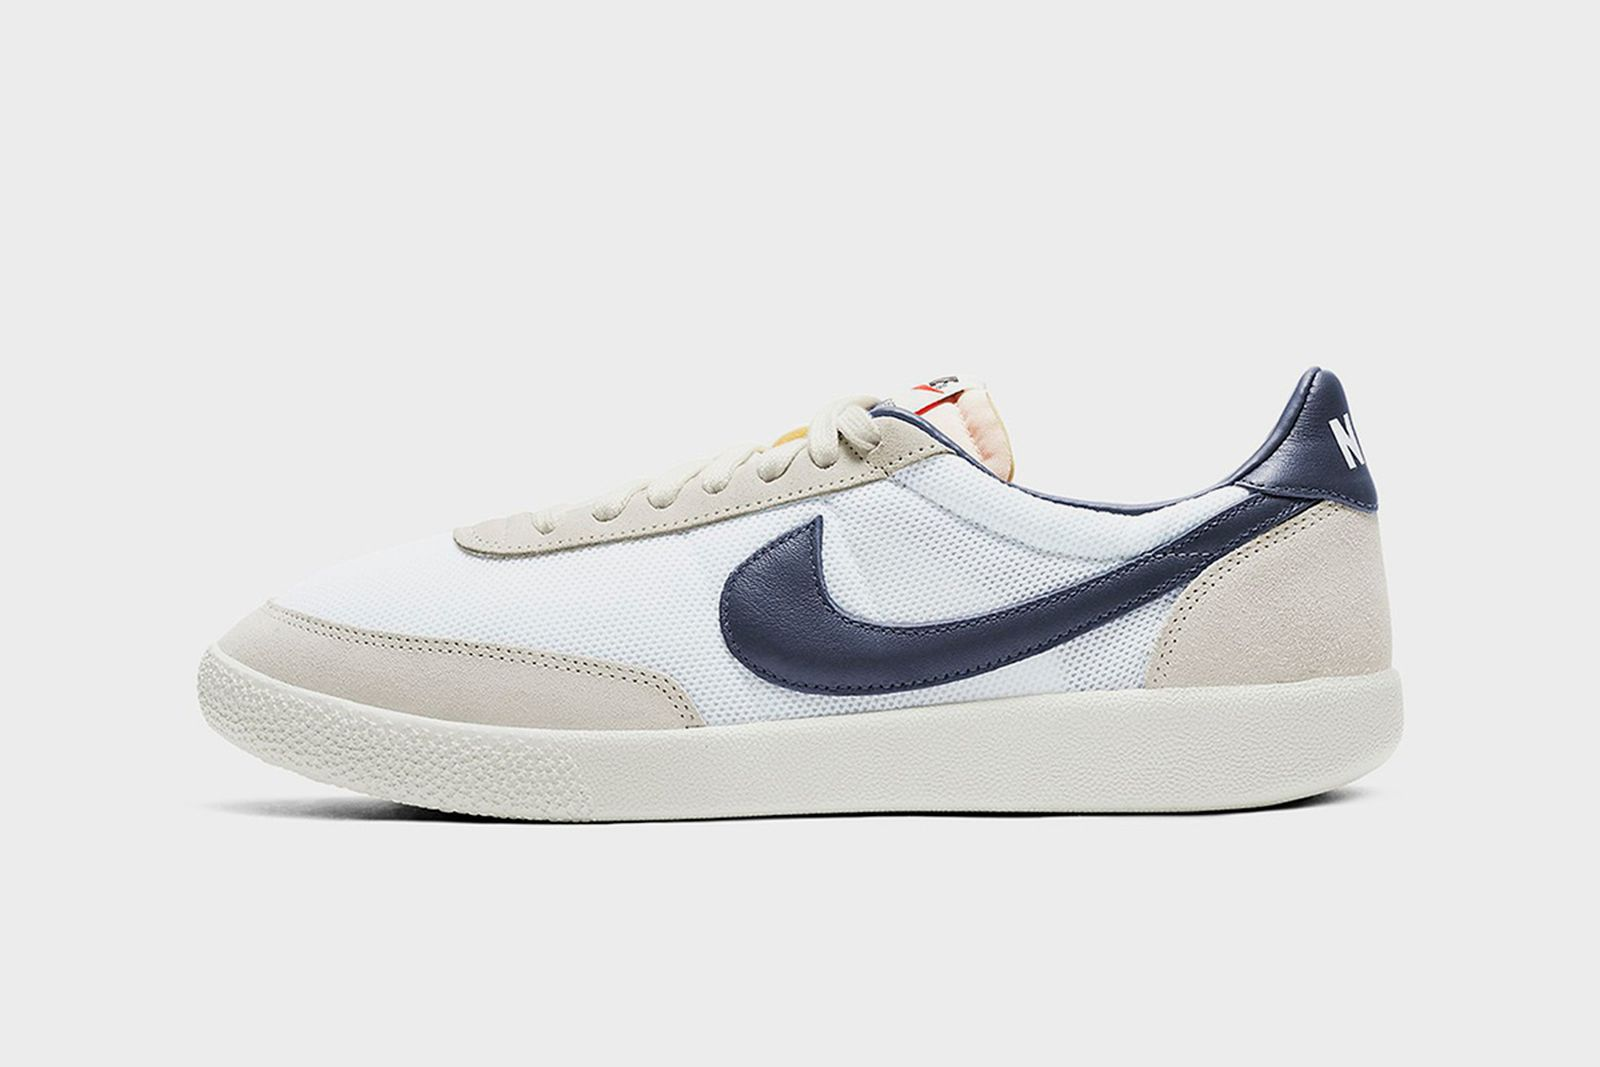 Nike general release sneakers image